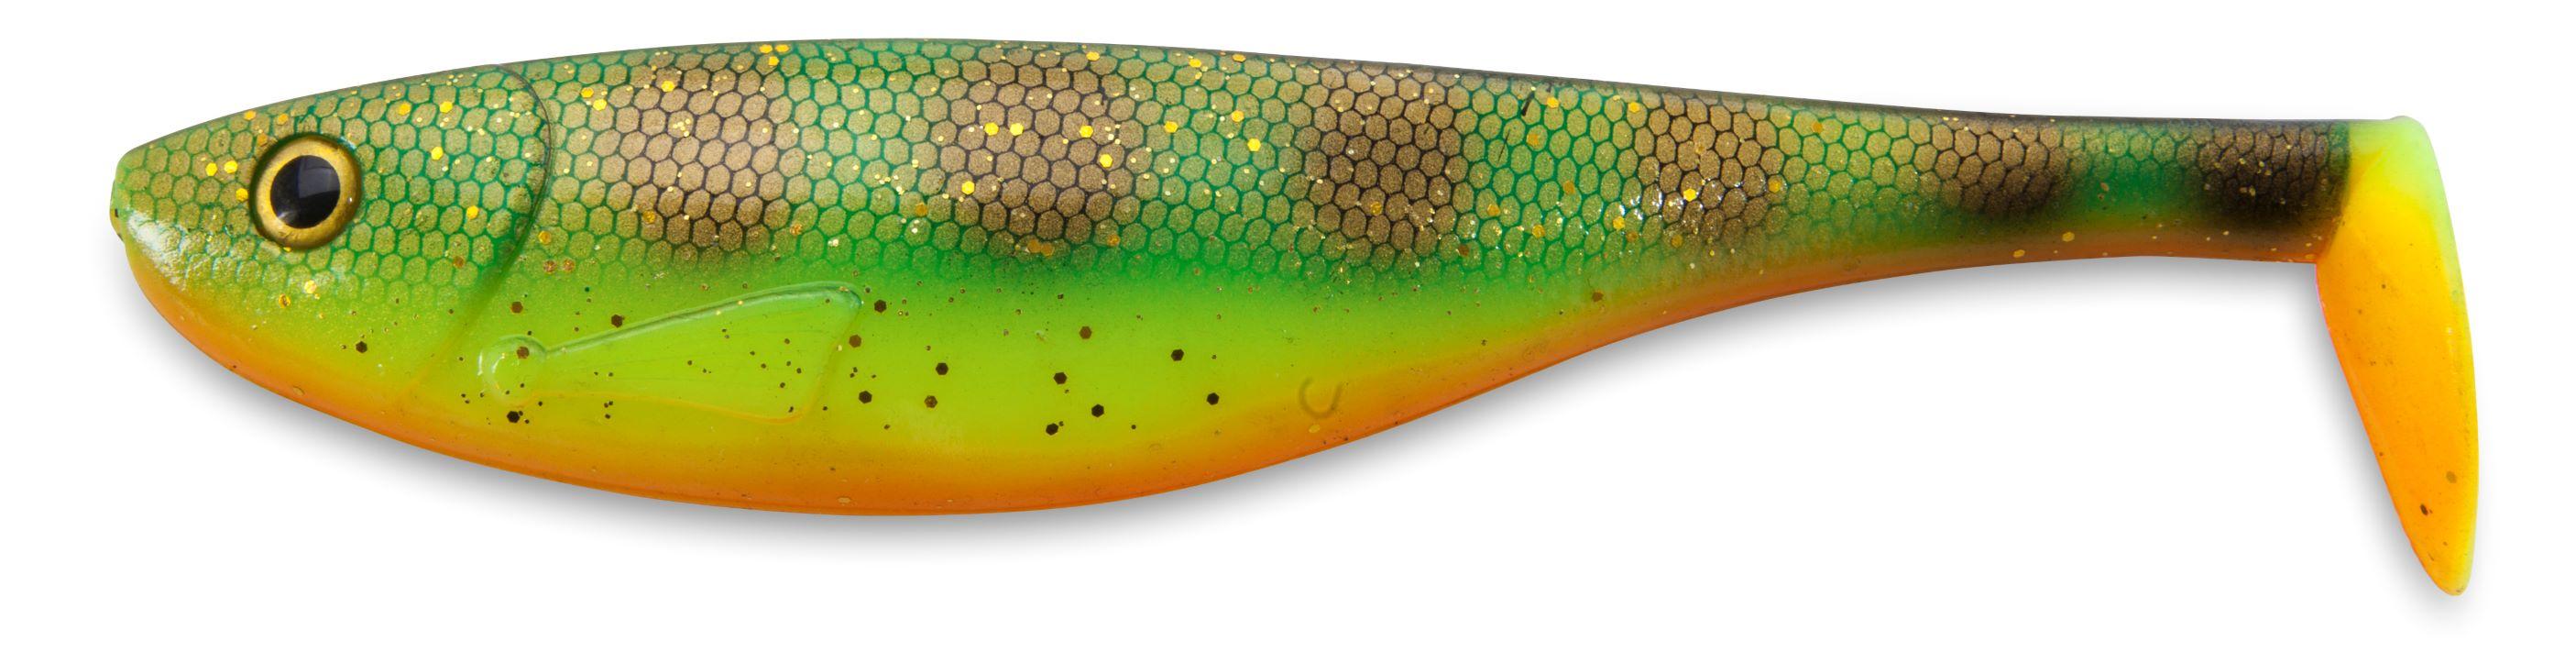 Iron Claw nástraha Slab Shad 21 cm Vzor HP